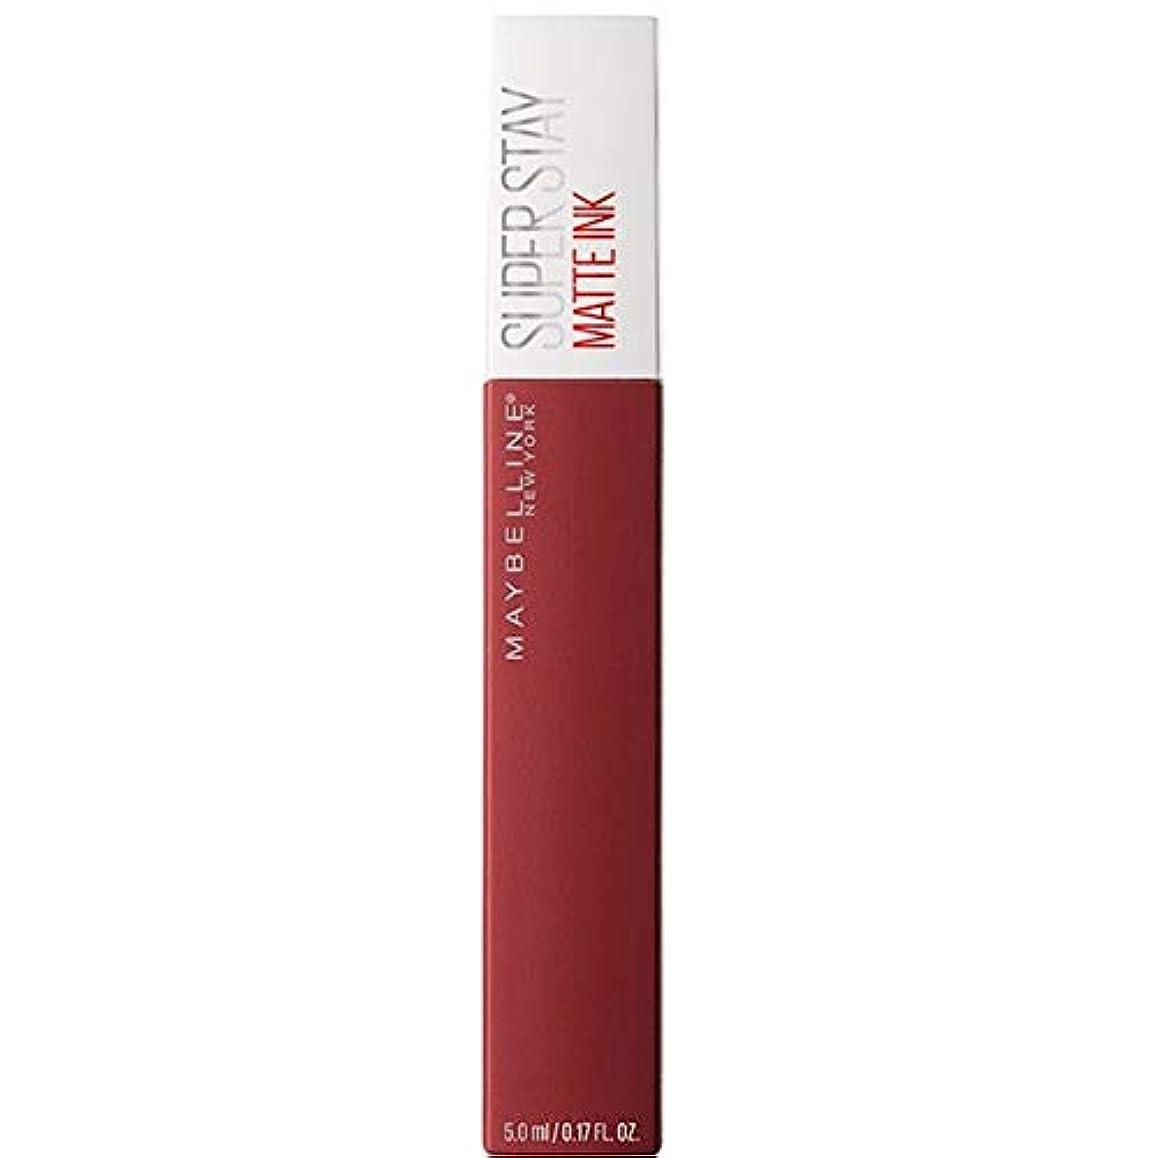 俳句ひもスキニー[Maybelline ] メイベリンSuperstayマットインク液50ボイジャー - Maybelline Superstay Matte Ink Liquid 50 Voyager [並行輸入品]